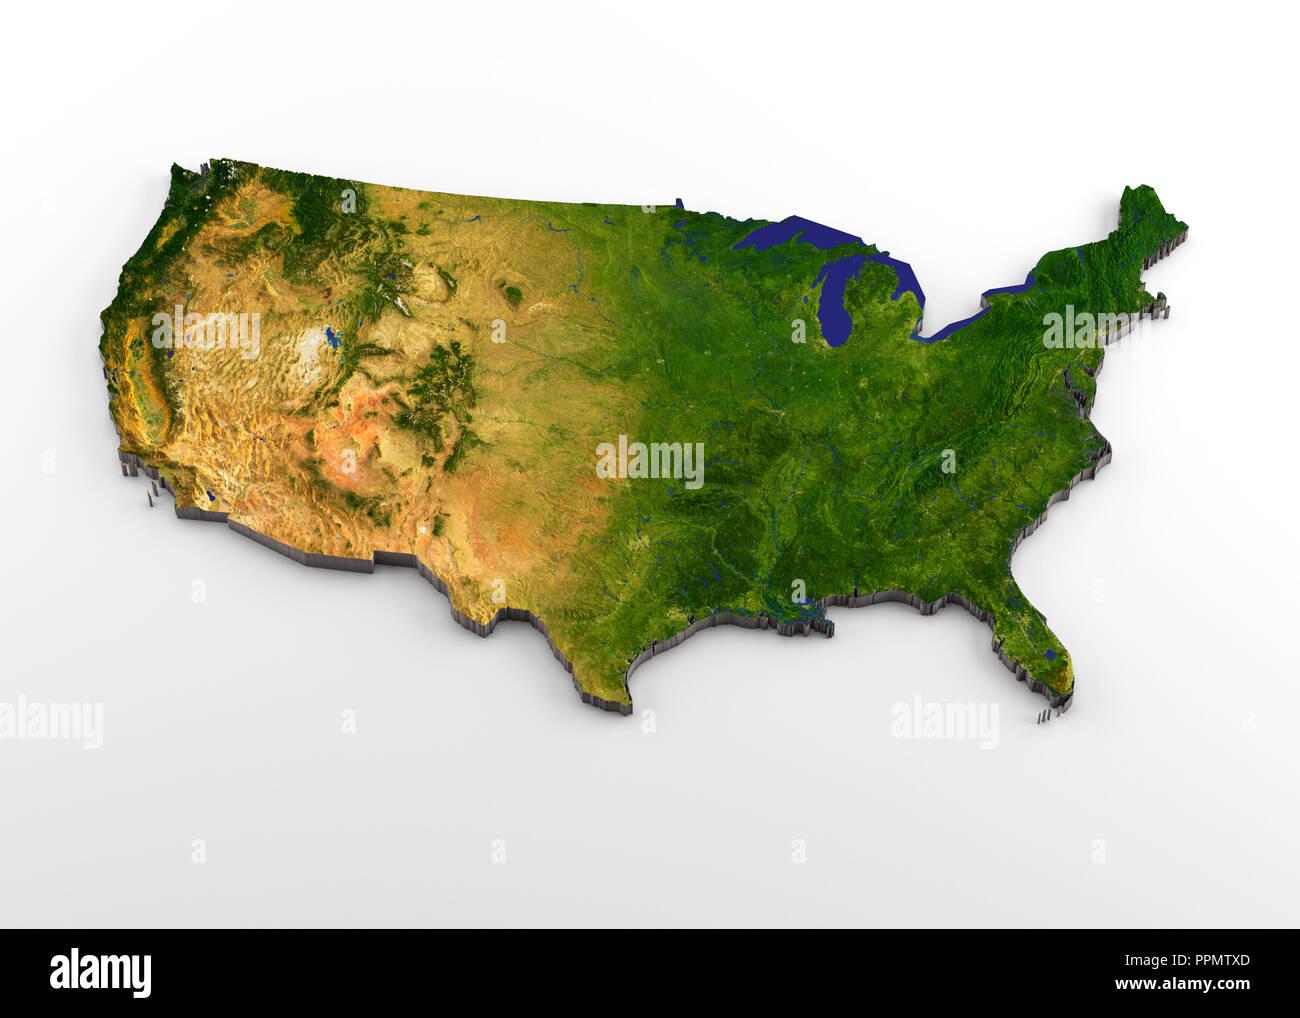 Cartina Fisico Politica Degli Stati Uniti.Map North American Continent Usa Immagini E Fotos Stock Alamy